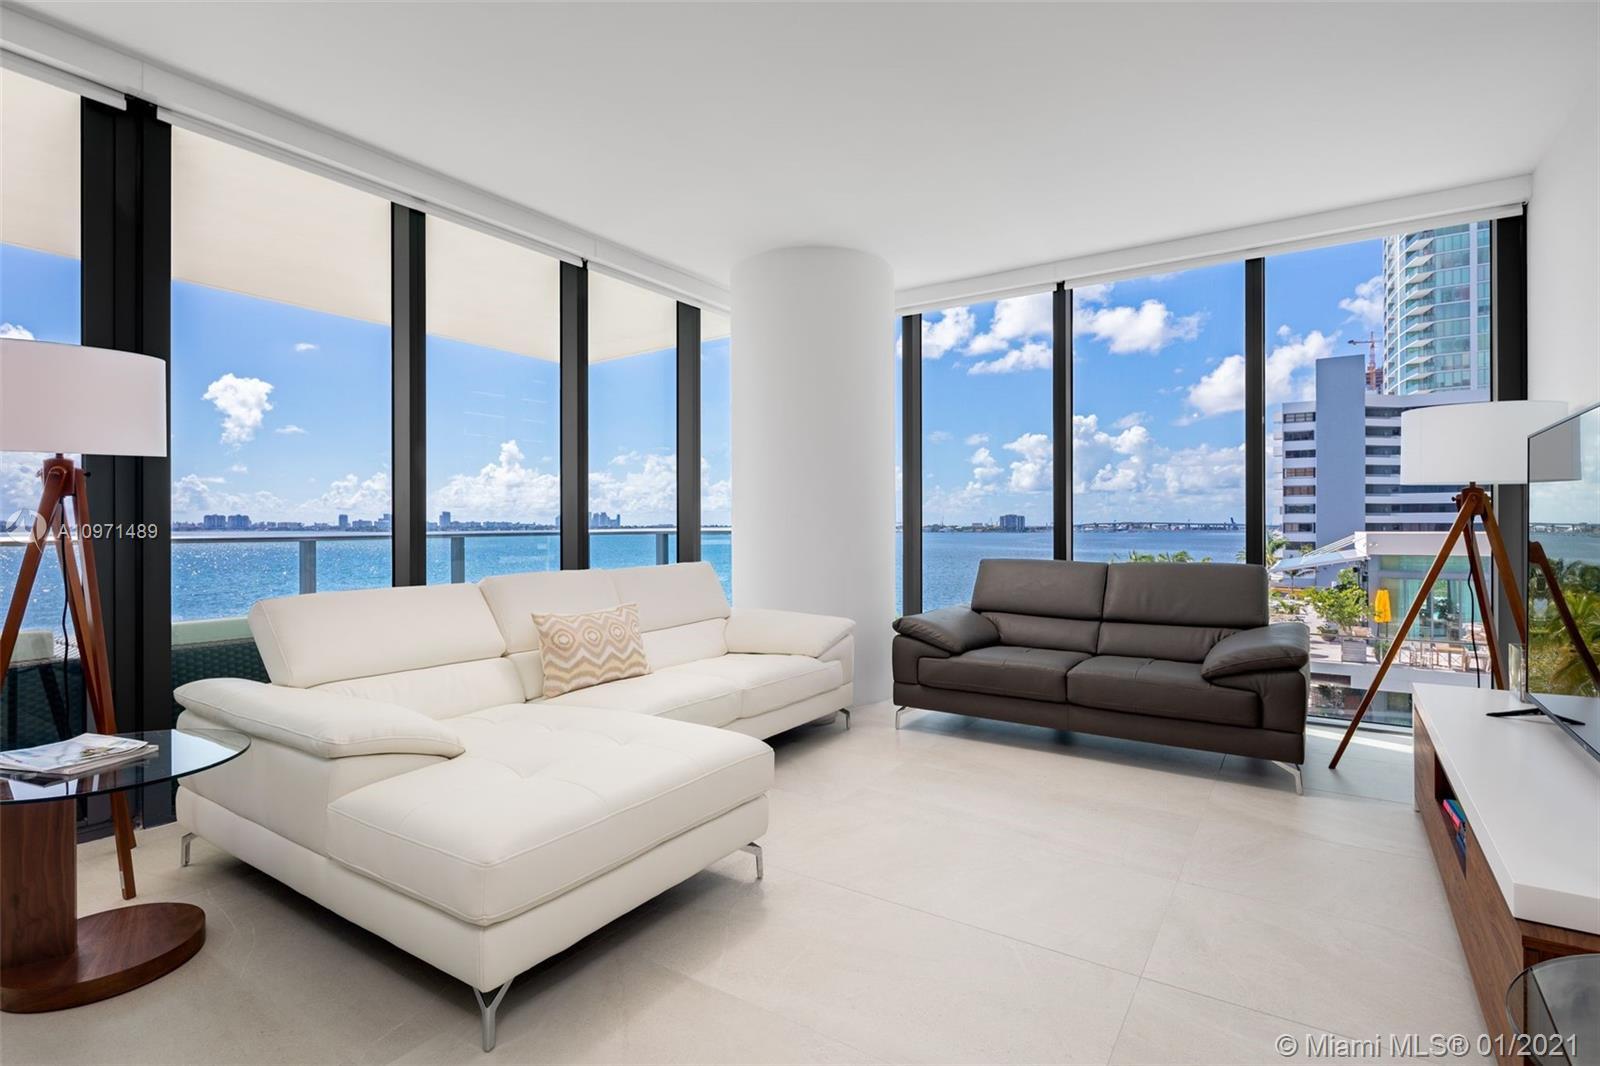 3131 7th Ave Unit 401, Miami, Florida 33137